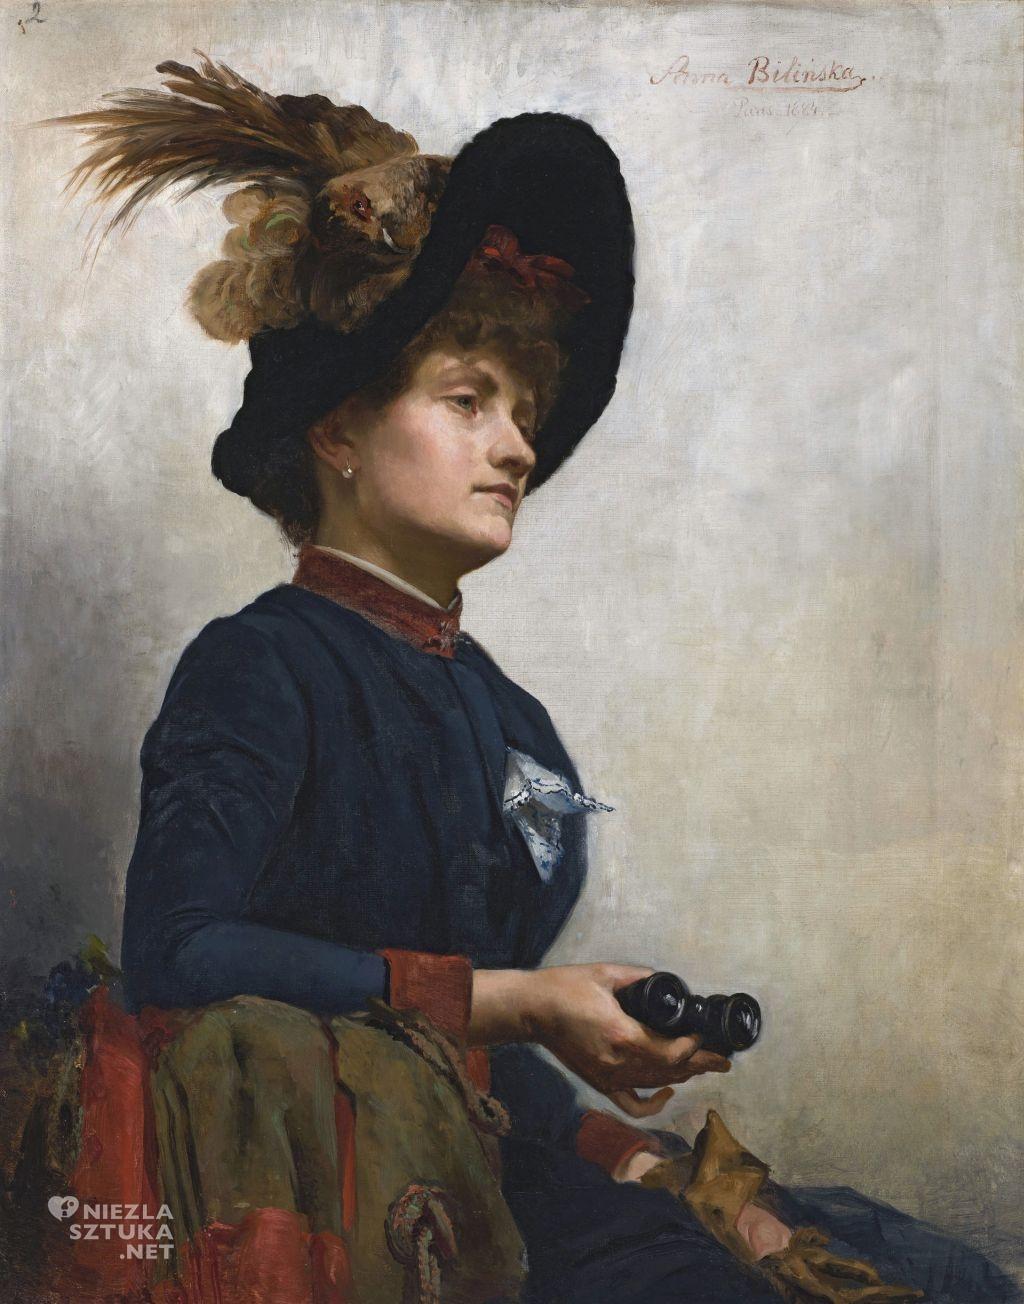 Anna Bilińska, Portret damy z lornetką, Muzeum Narodowe w Warszawie, Niezła sztuka